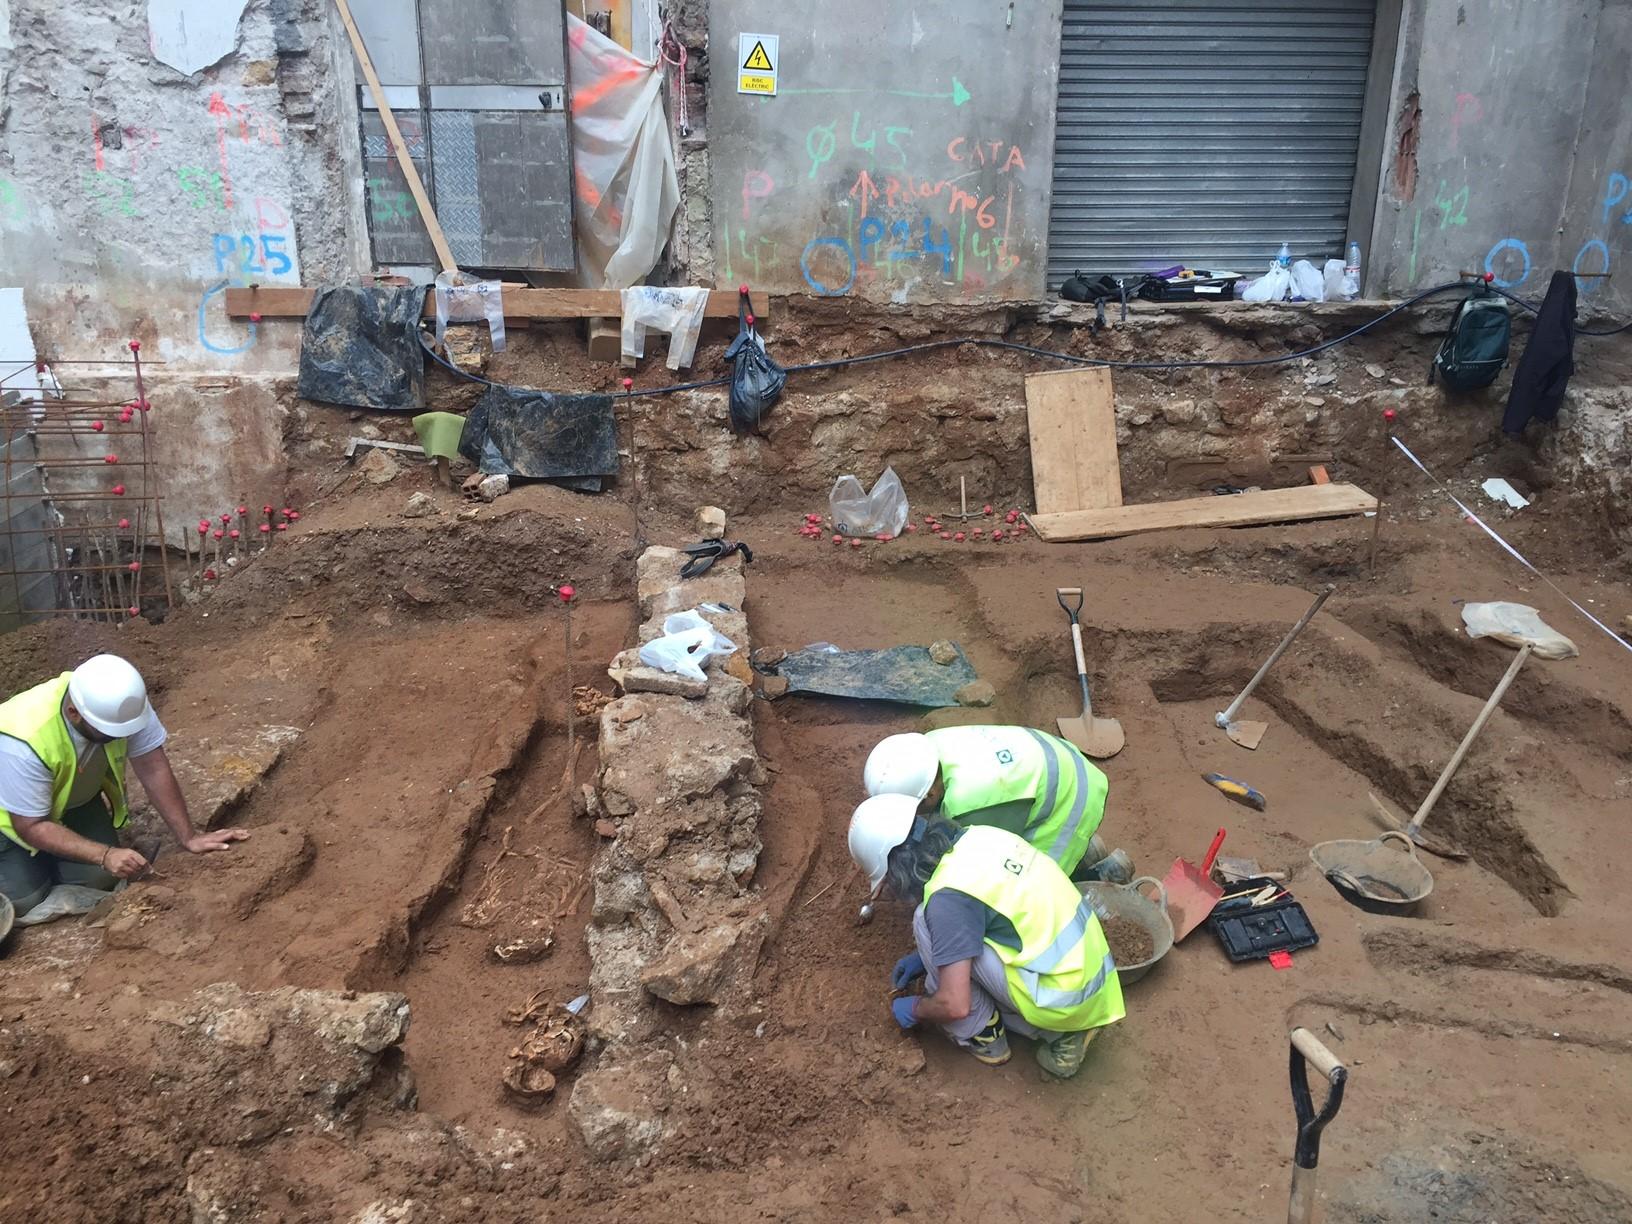 Vista general de l'excavació arqueològica a la finca del núm. 84 de la Ronda de Sant Antoni (Foto: Jordi Ramos)